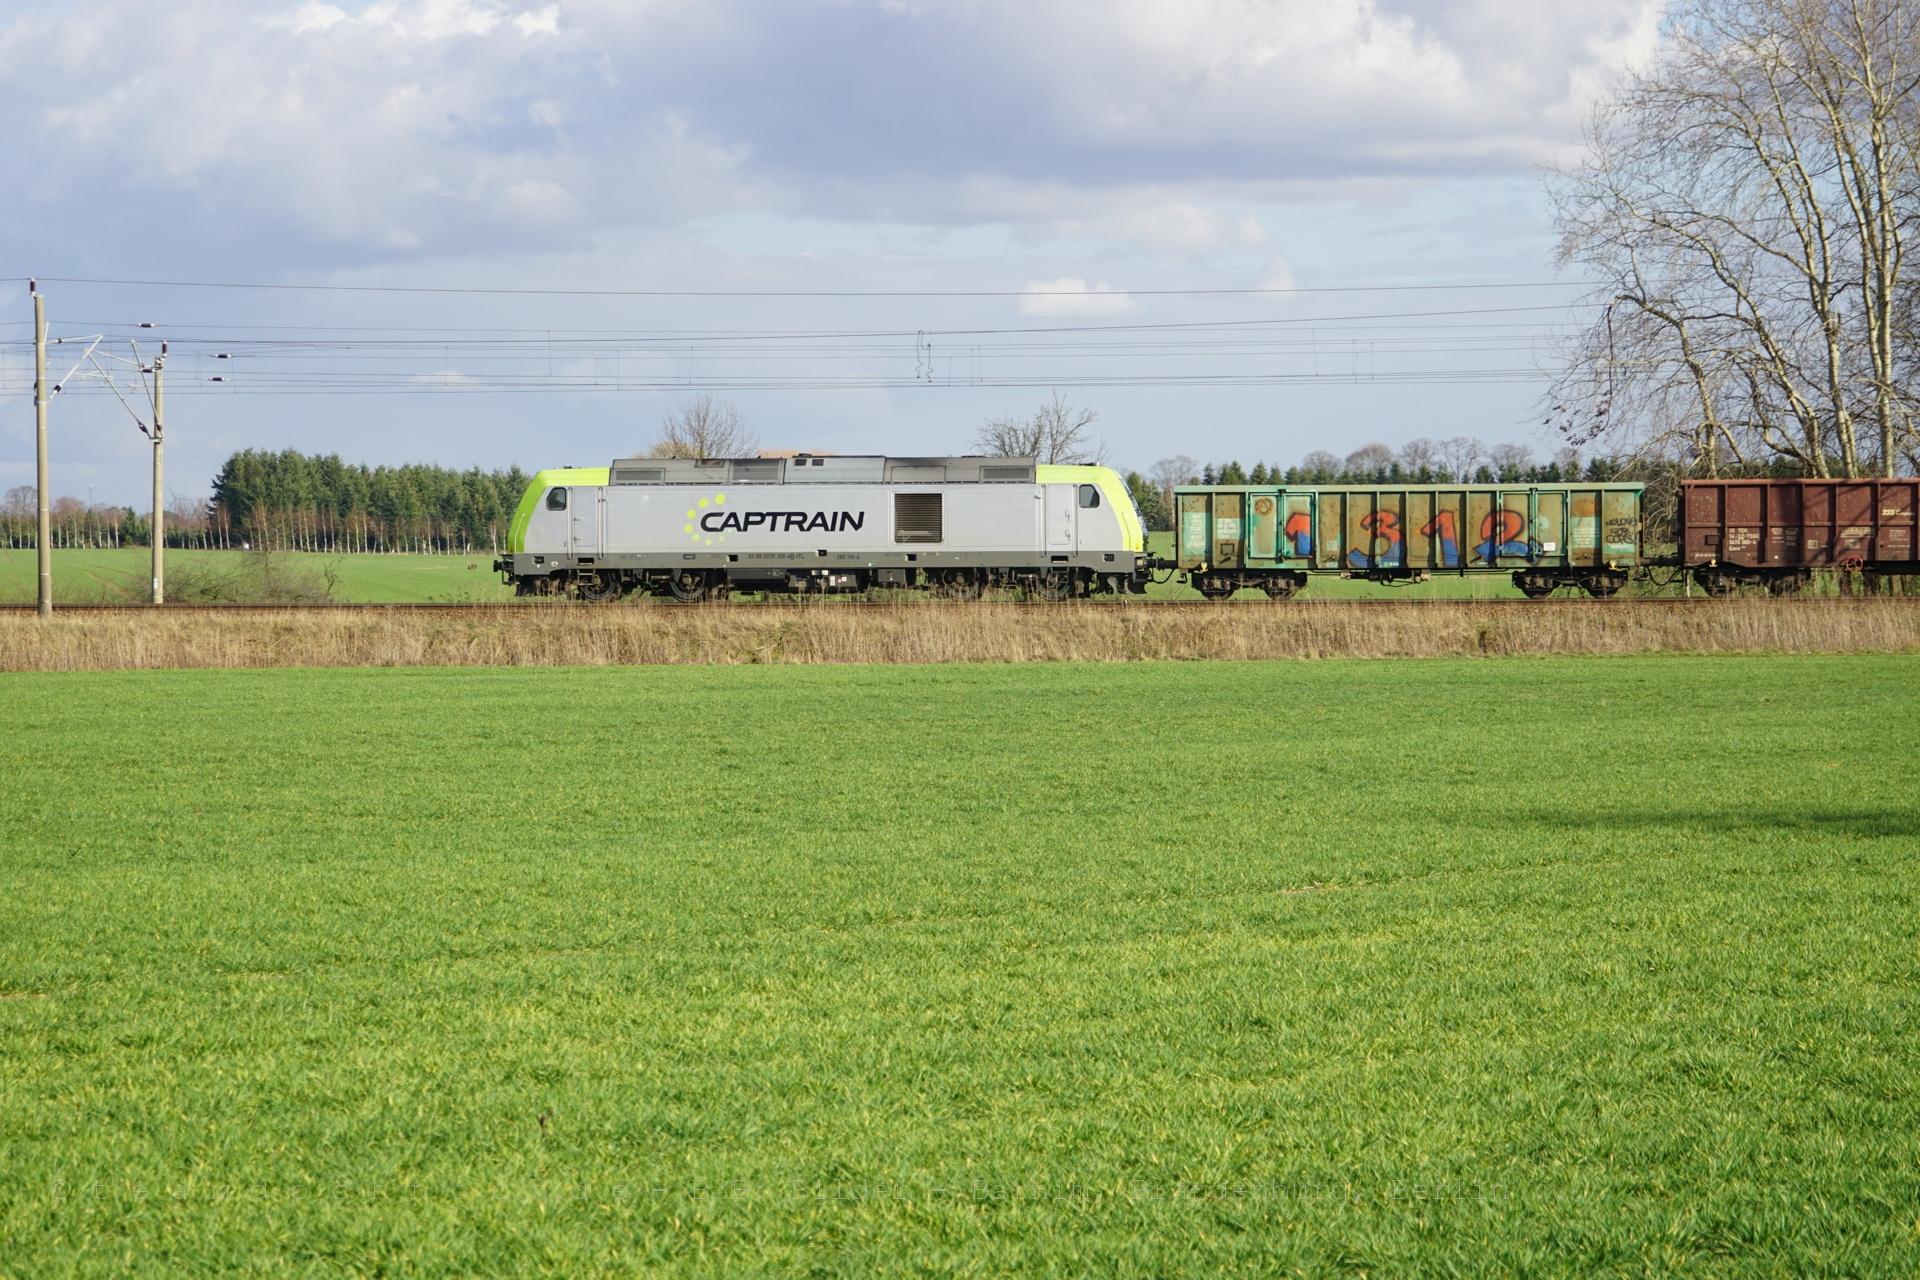 285 119-4 Captrain am Bahnübergang Danewitz